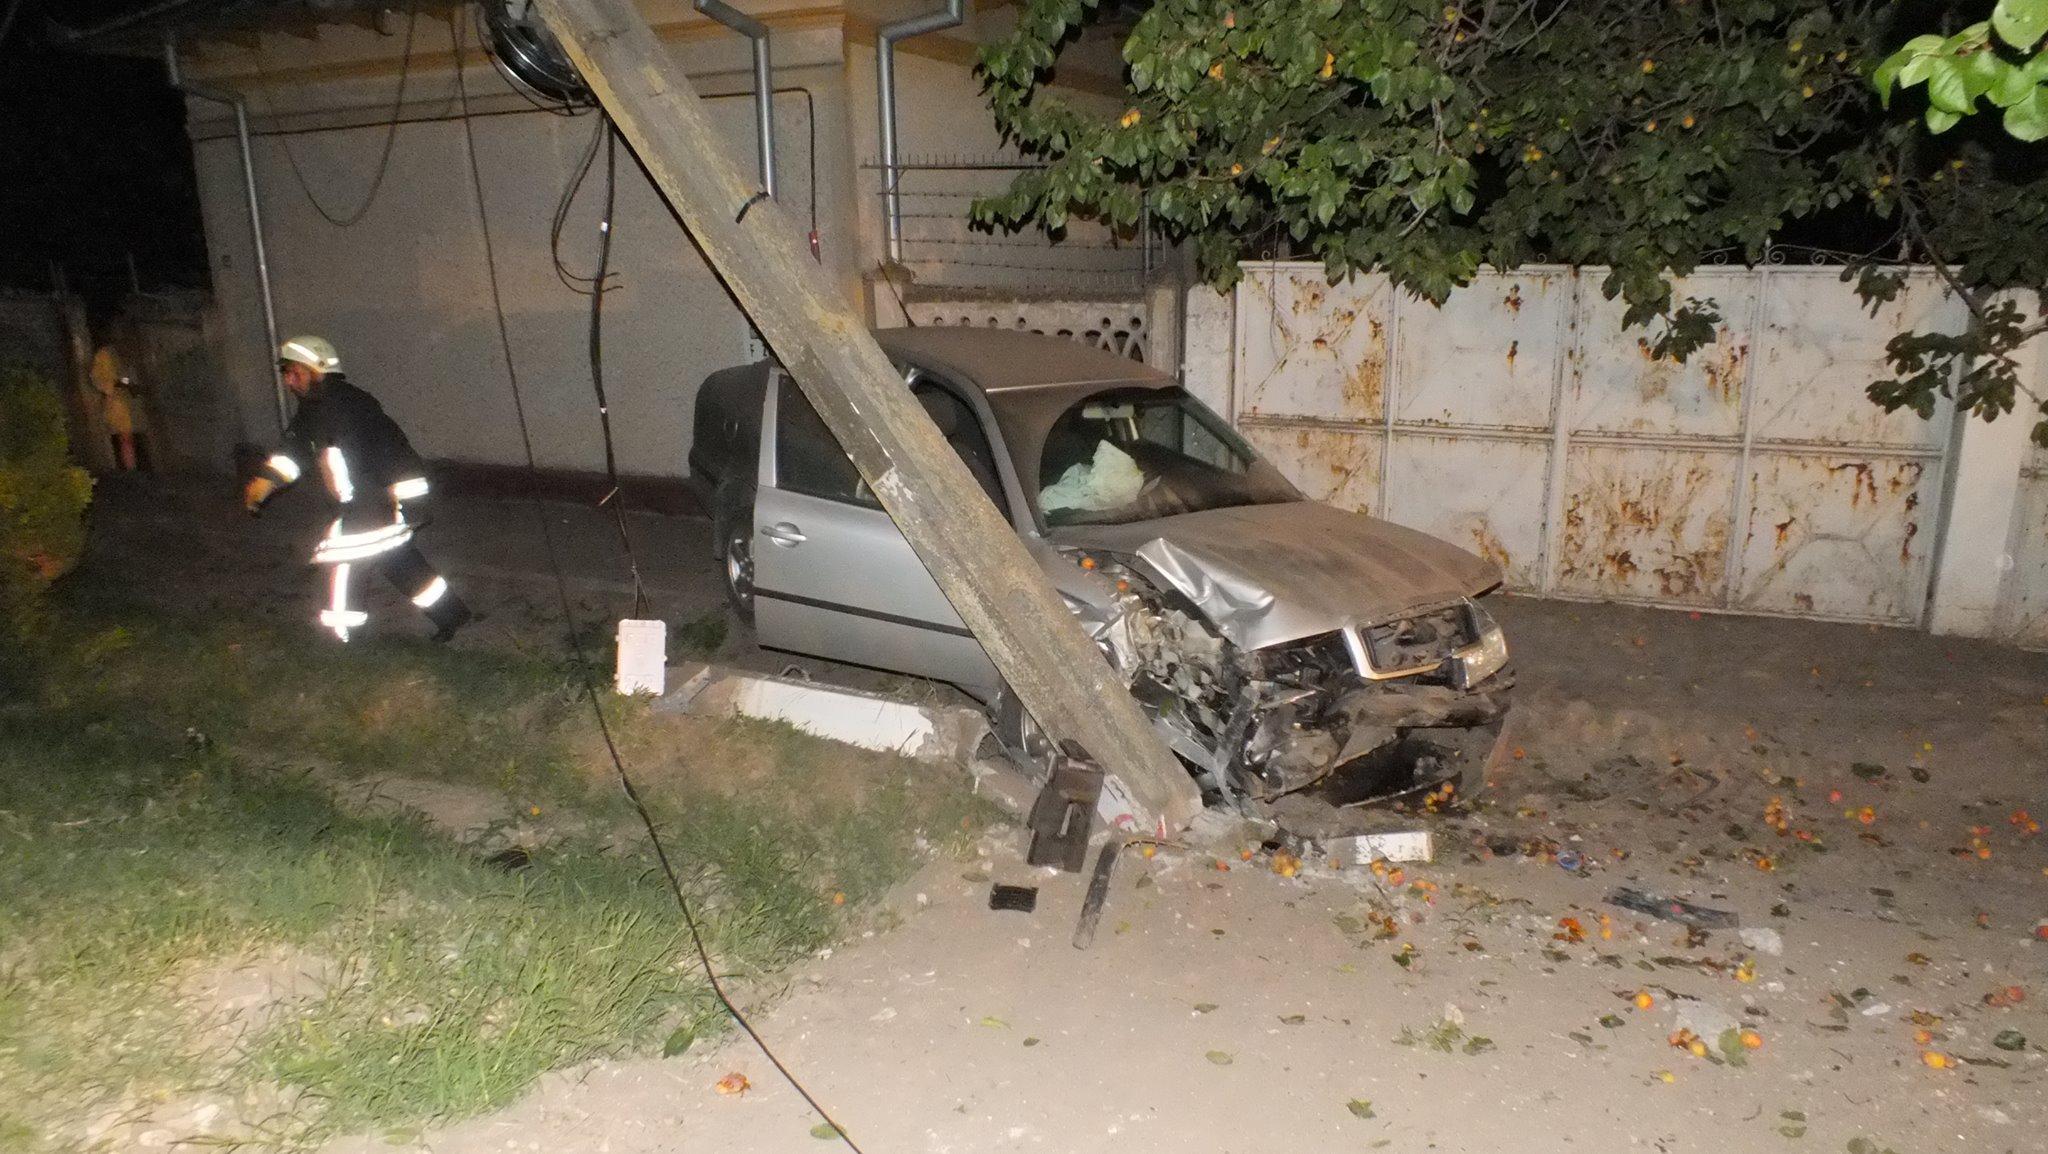 Teribilism sau prostie?! Un tânăr de 17 ani, fără permis și băut, la un pas de moarte, după ce a intrat cu mașina într-un stâlp electric